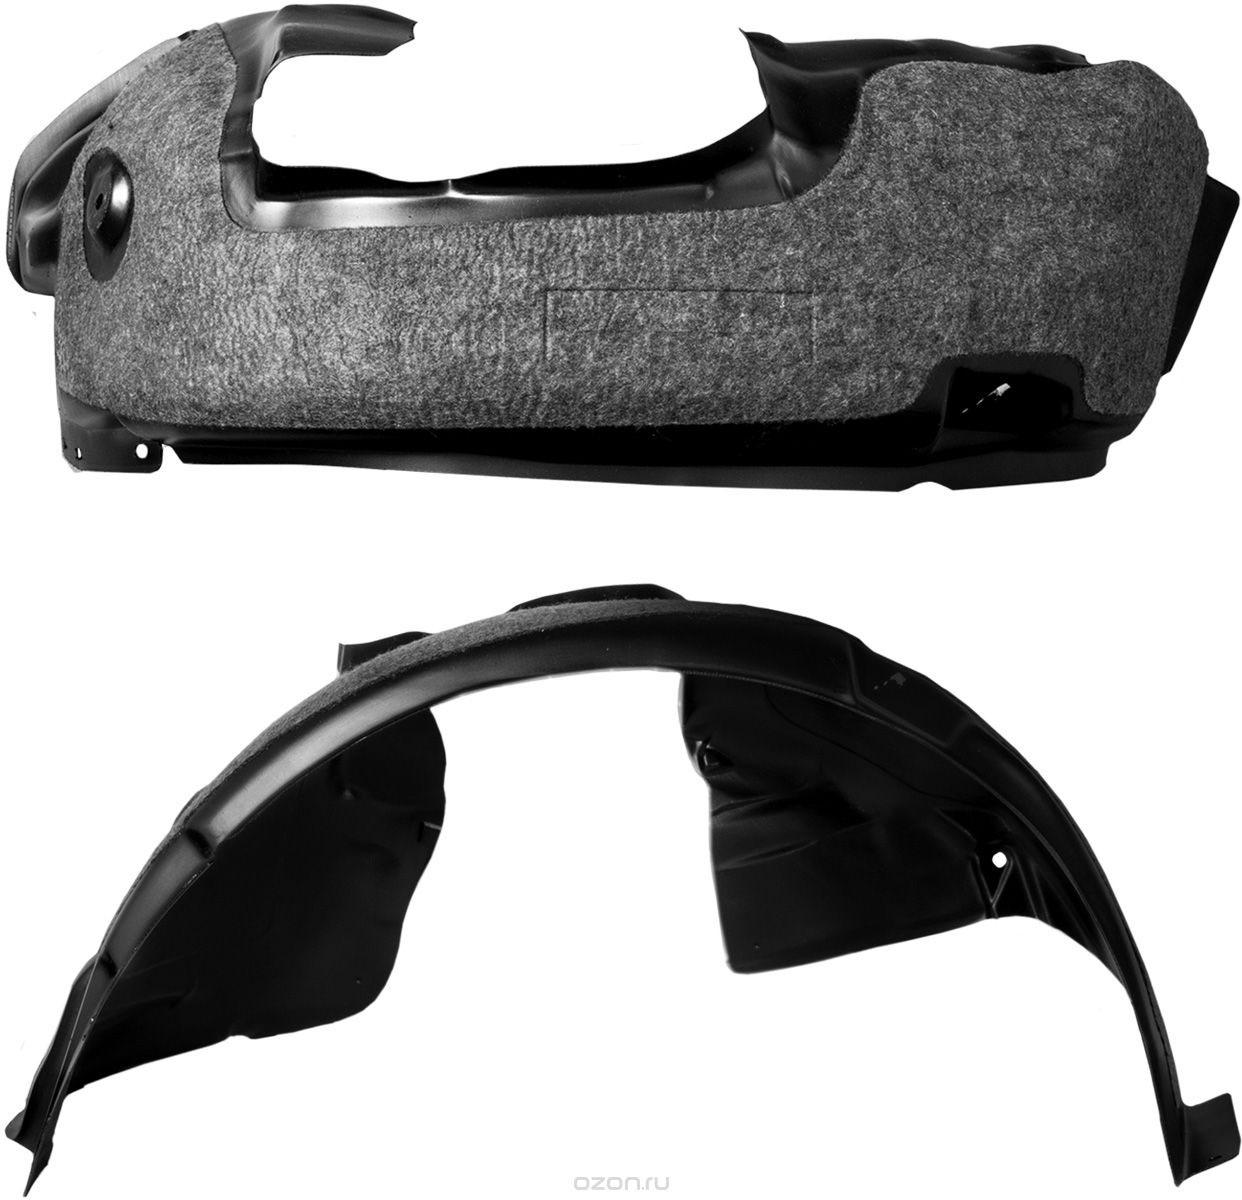 Подкрылок Novline-Autofamily, с шумоизоляцией, для HYUNDAI Solaris, 2014->, сед., задний левыйVCA-00Идеальная защита колесной ниши. Локеры разработаны с применением цифровых технологий, гарантируют максимальную повторяемость поверхности арки. Изделия устанавливаются без нарушения лакокрасочного покрытия автомобиля, каждый подкрылок комплектуется крепежом. Уважаемые клиенты, обращаем ваше внимание, что фотографии на подкрылки универсальные и не отражают реальную форму изделия. При этом само изделие идет точно под размер указанного автомобиля.